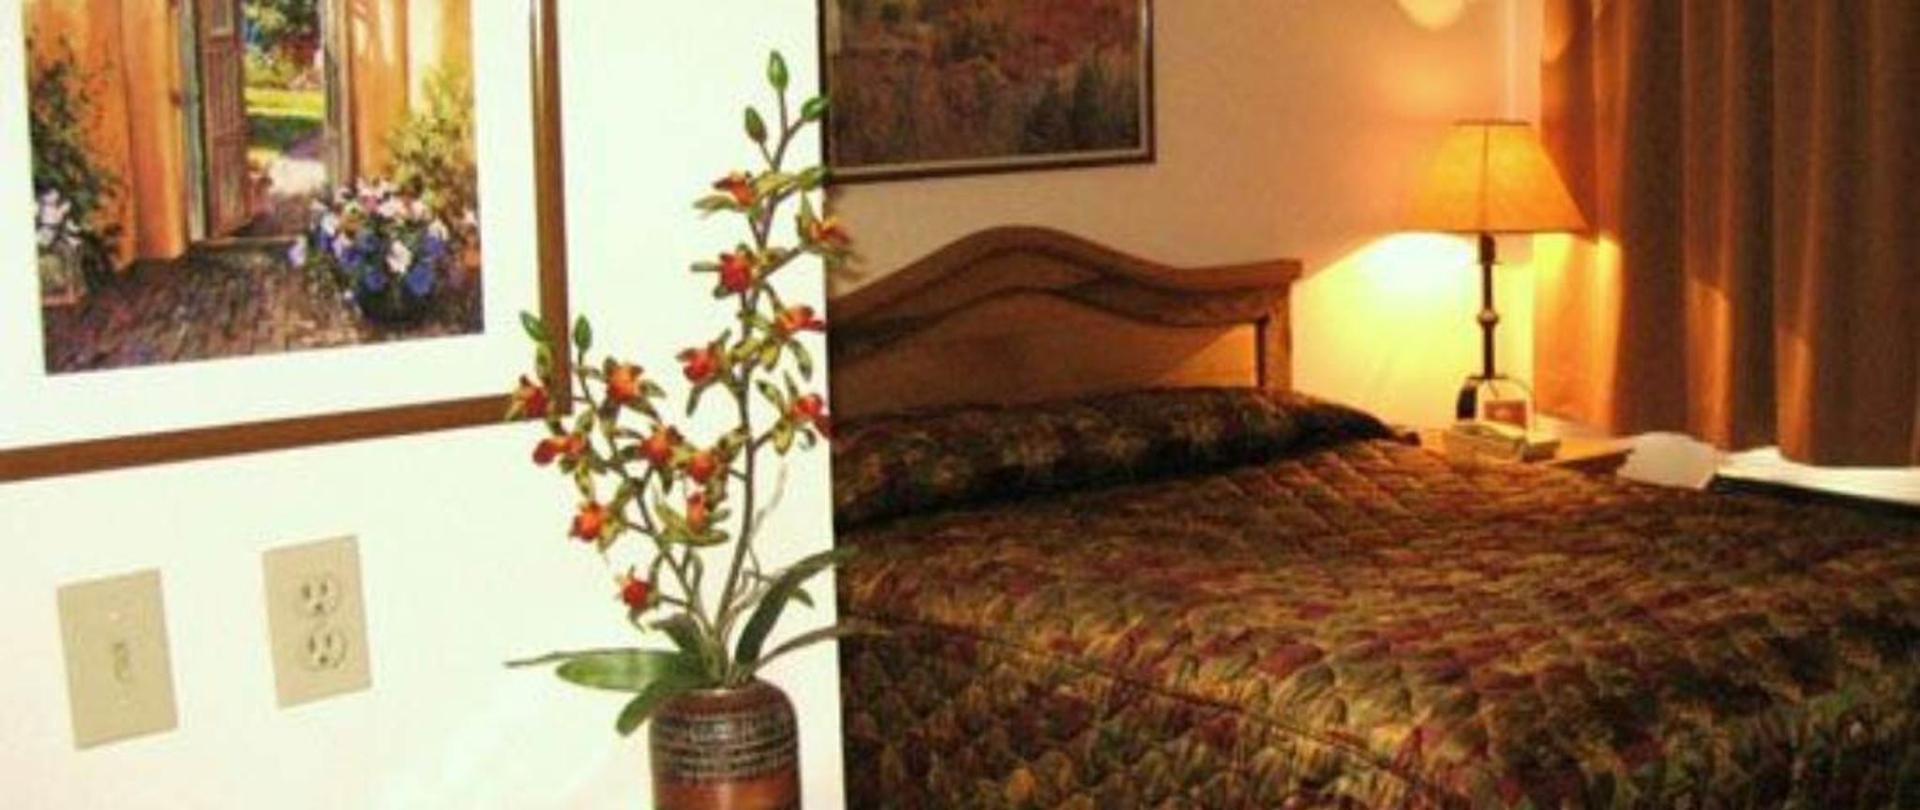 Las Suites de Santa Fe